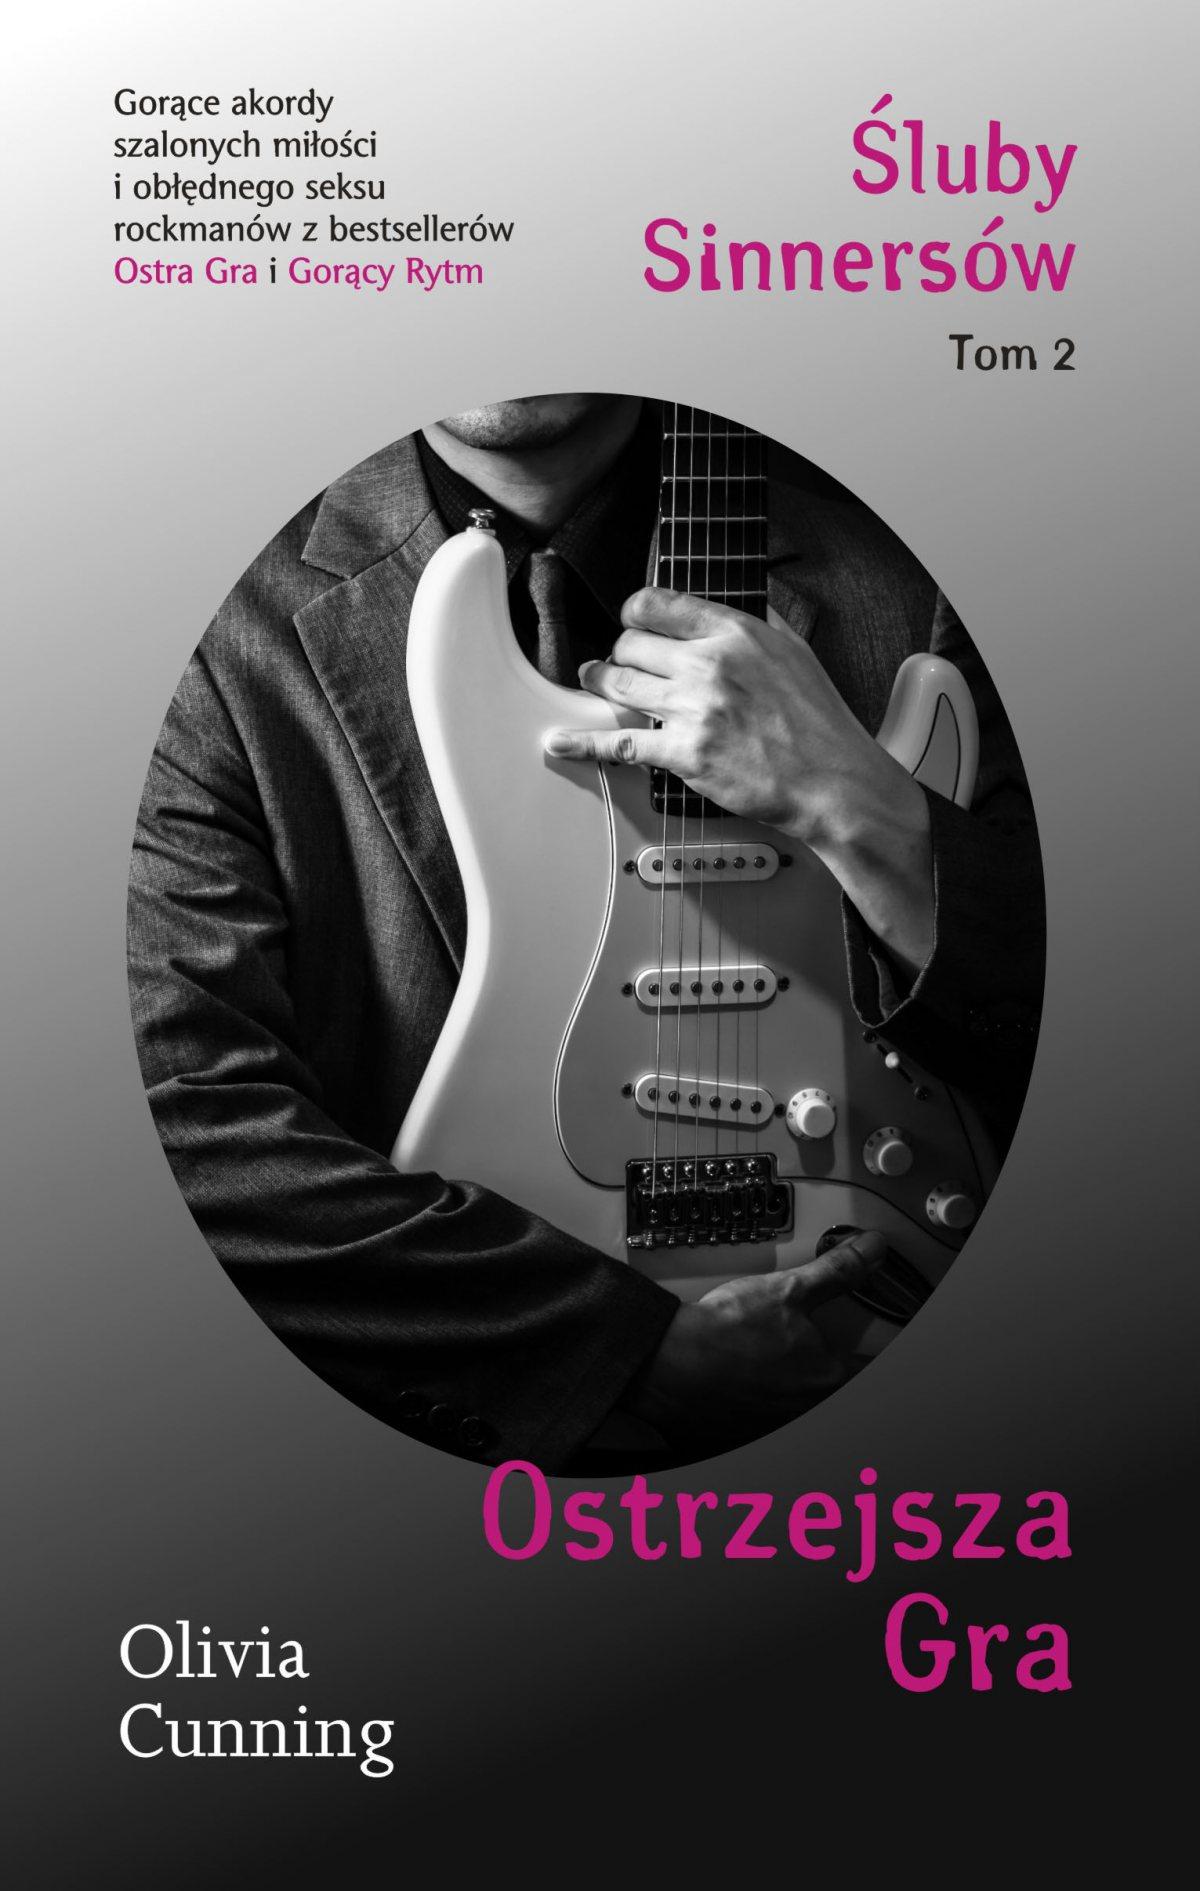 Śluby Sinnersów. Tom 2 Ostrzejsza gra - Ebook (Książka na Kindle) do pobrania w formacie MOBI